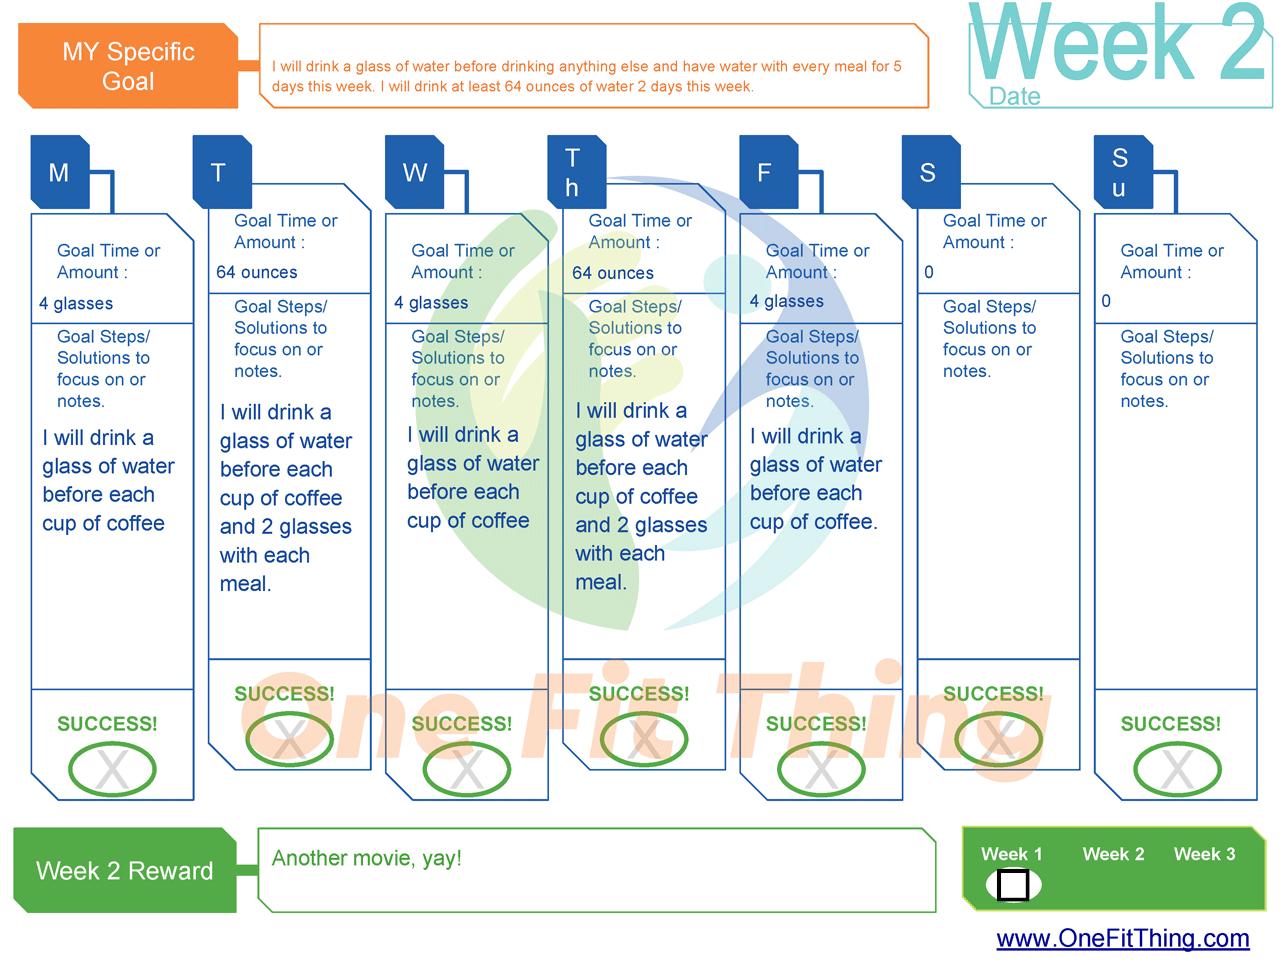 SMART Goal Tool - Week 2 Example